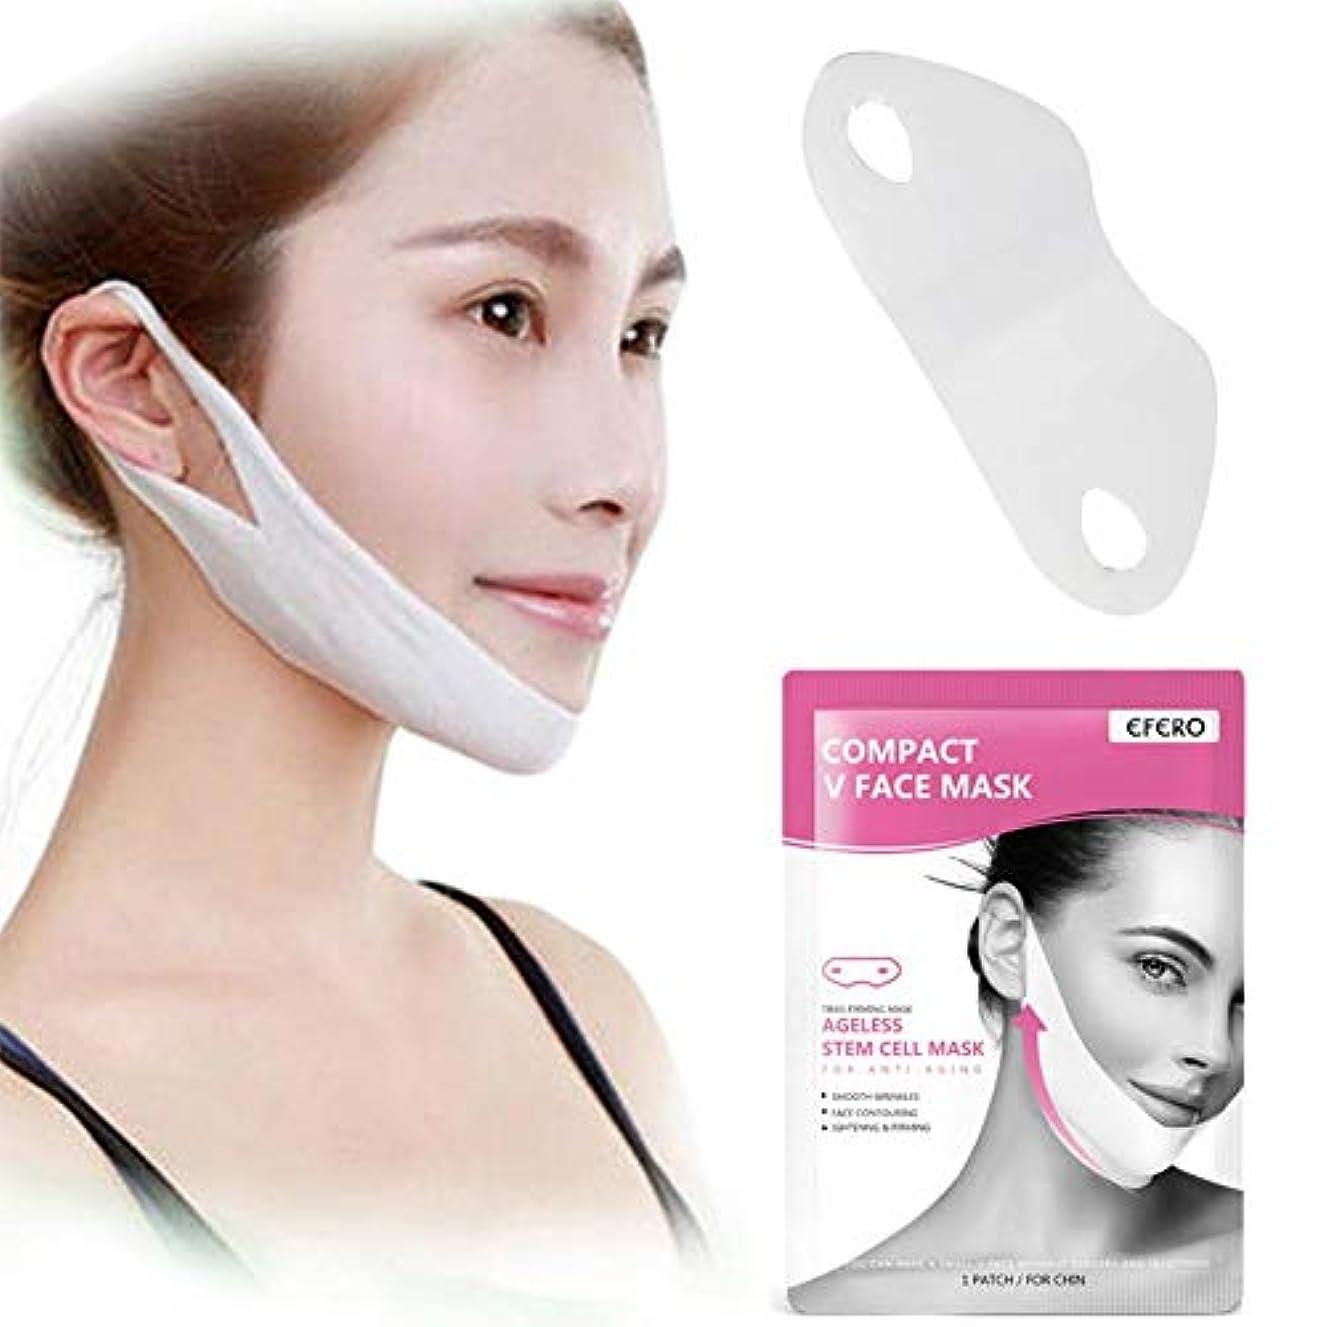 プロット含意義務SILUN 小顔マスク Vラインマスク リフティングファー ミングモイスチャライジングフェイスマスク ネックタイトフェイスフェイス 男女兼用